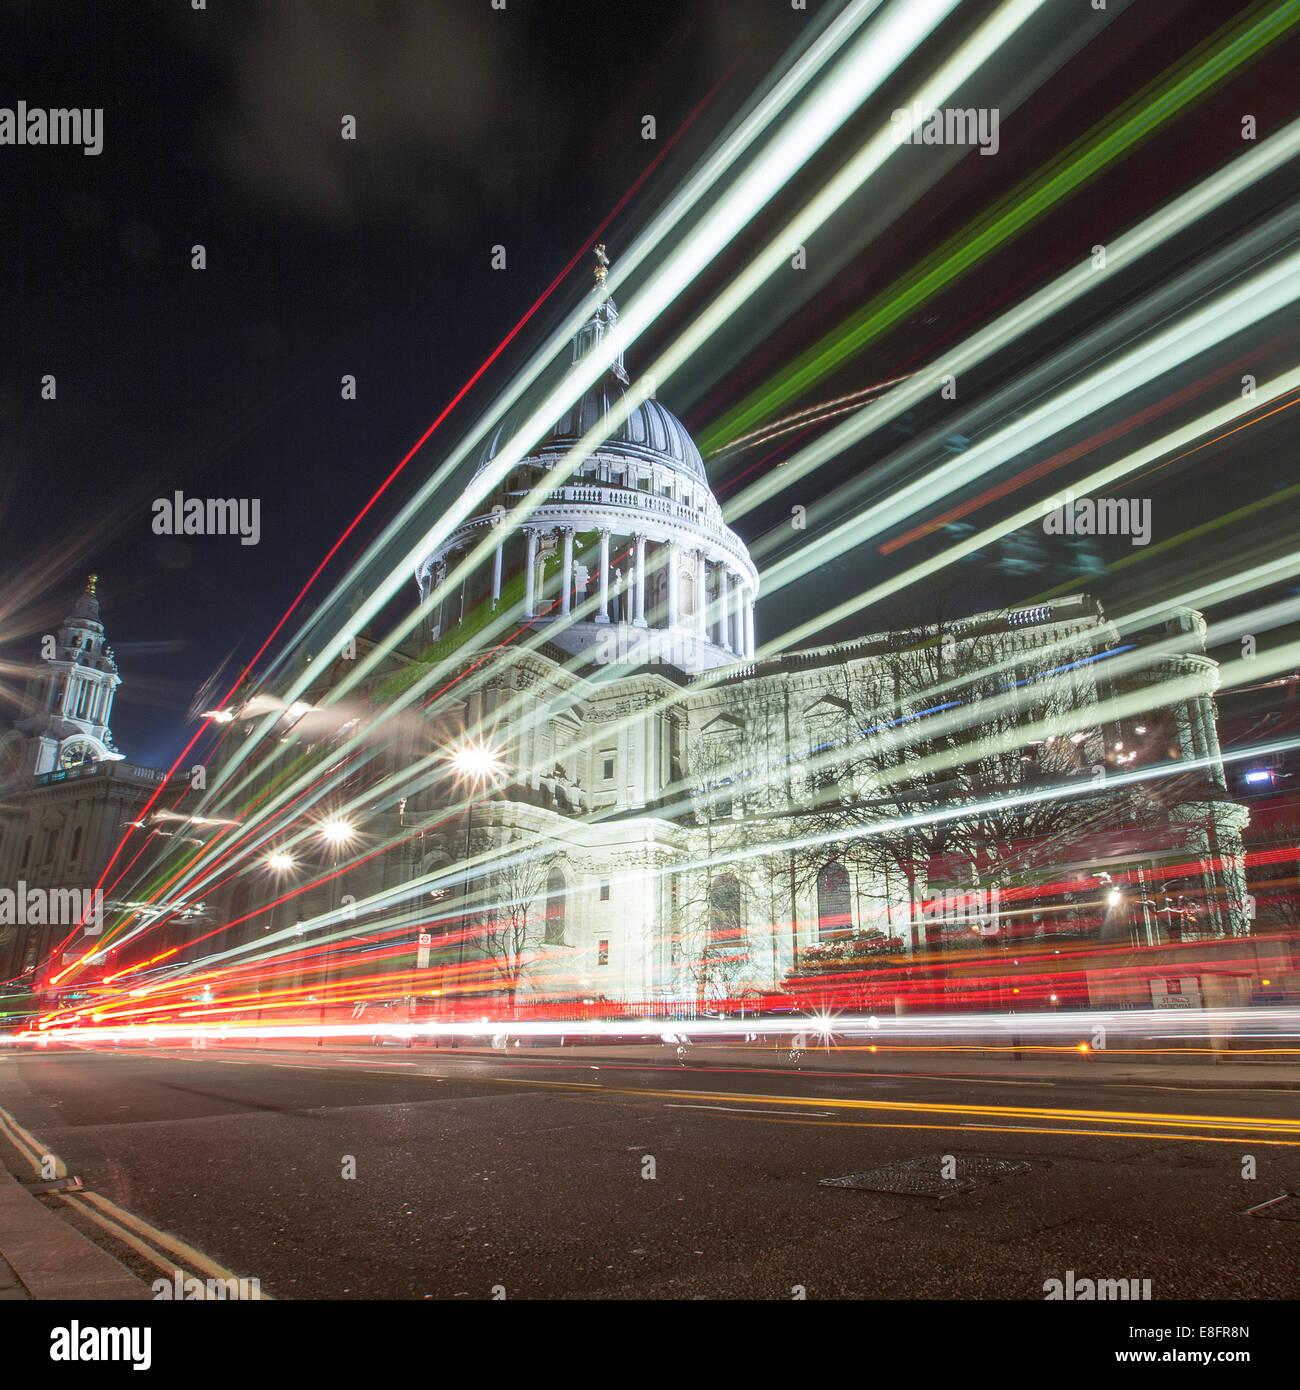 Vereinigtes Königreich, London, St Pauls Cathedral in der Nacht Stockbild